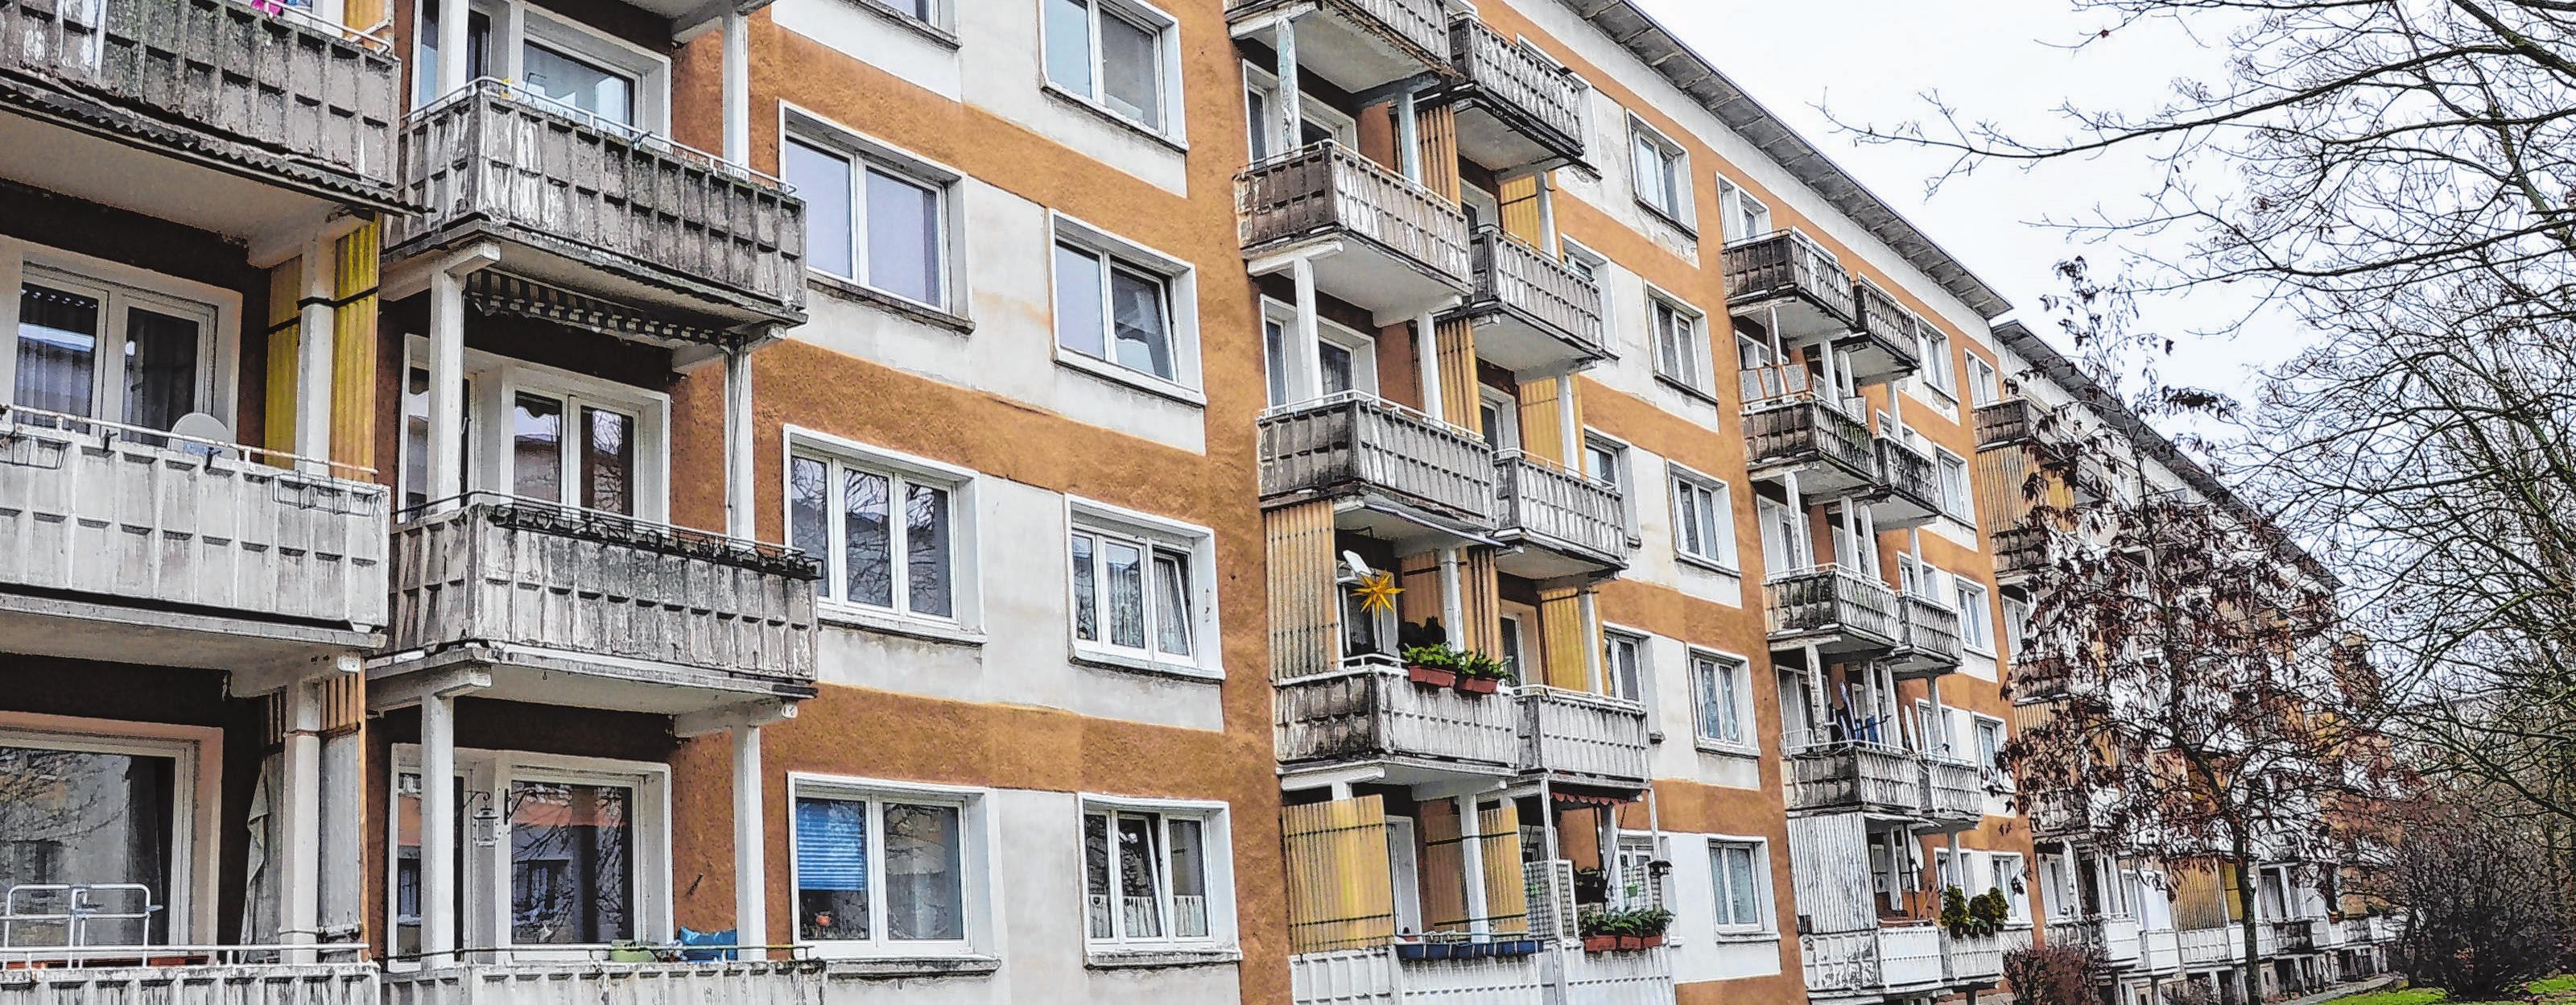 Der Außenbereich, die Eingänge und die Fassade auf beiden Seiten des Wohnblocks in der Artur-Becker-Straße wirken derzeit etwas trostlos, doch ab März soll sich das ändern. Auch die Balkone werden erneuert, ebenso wie die Grünanlage.